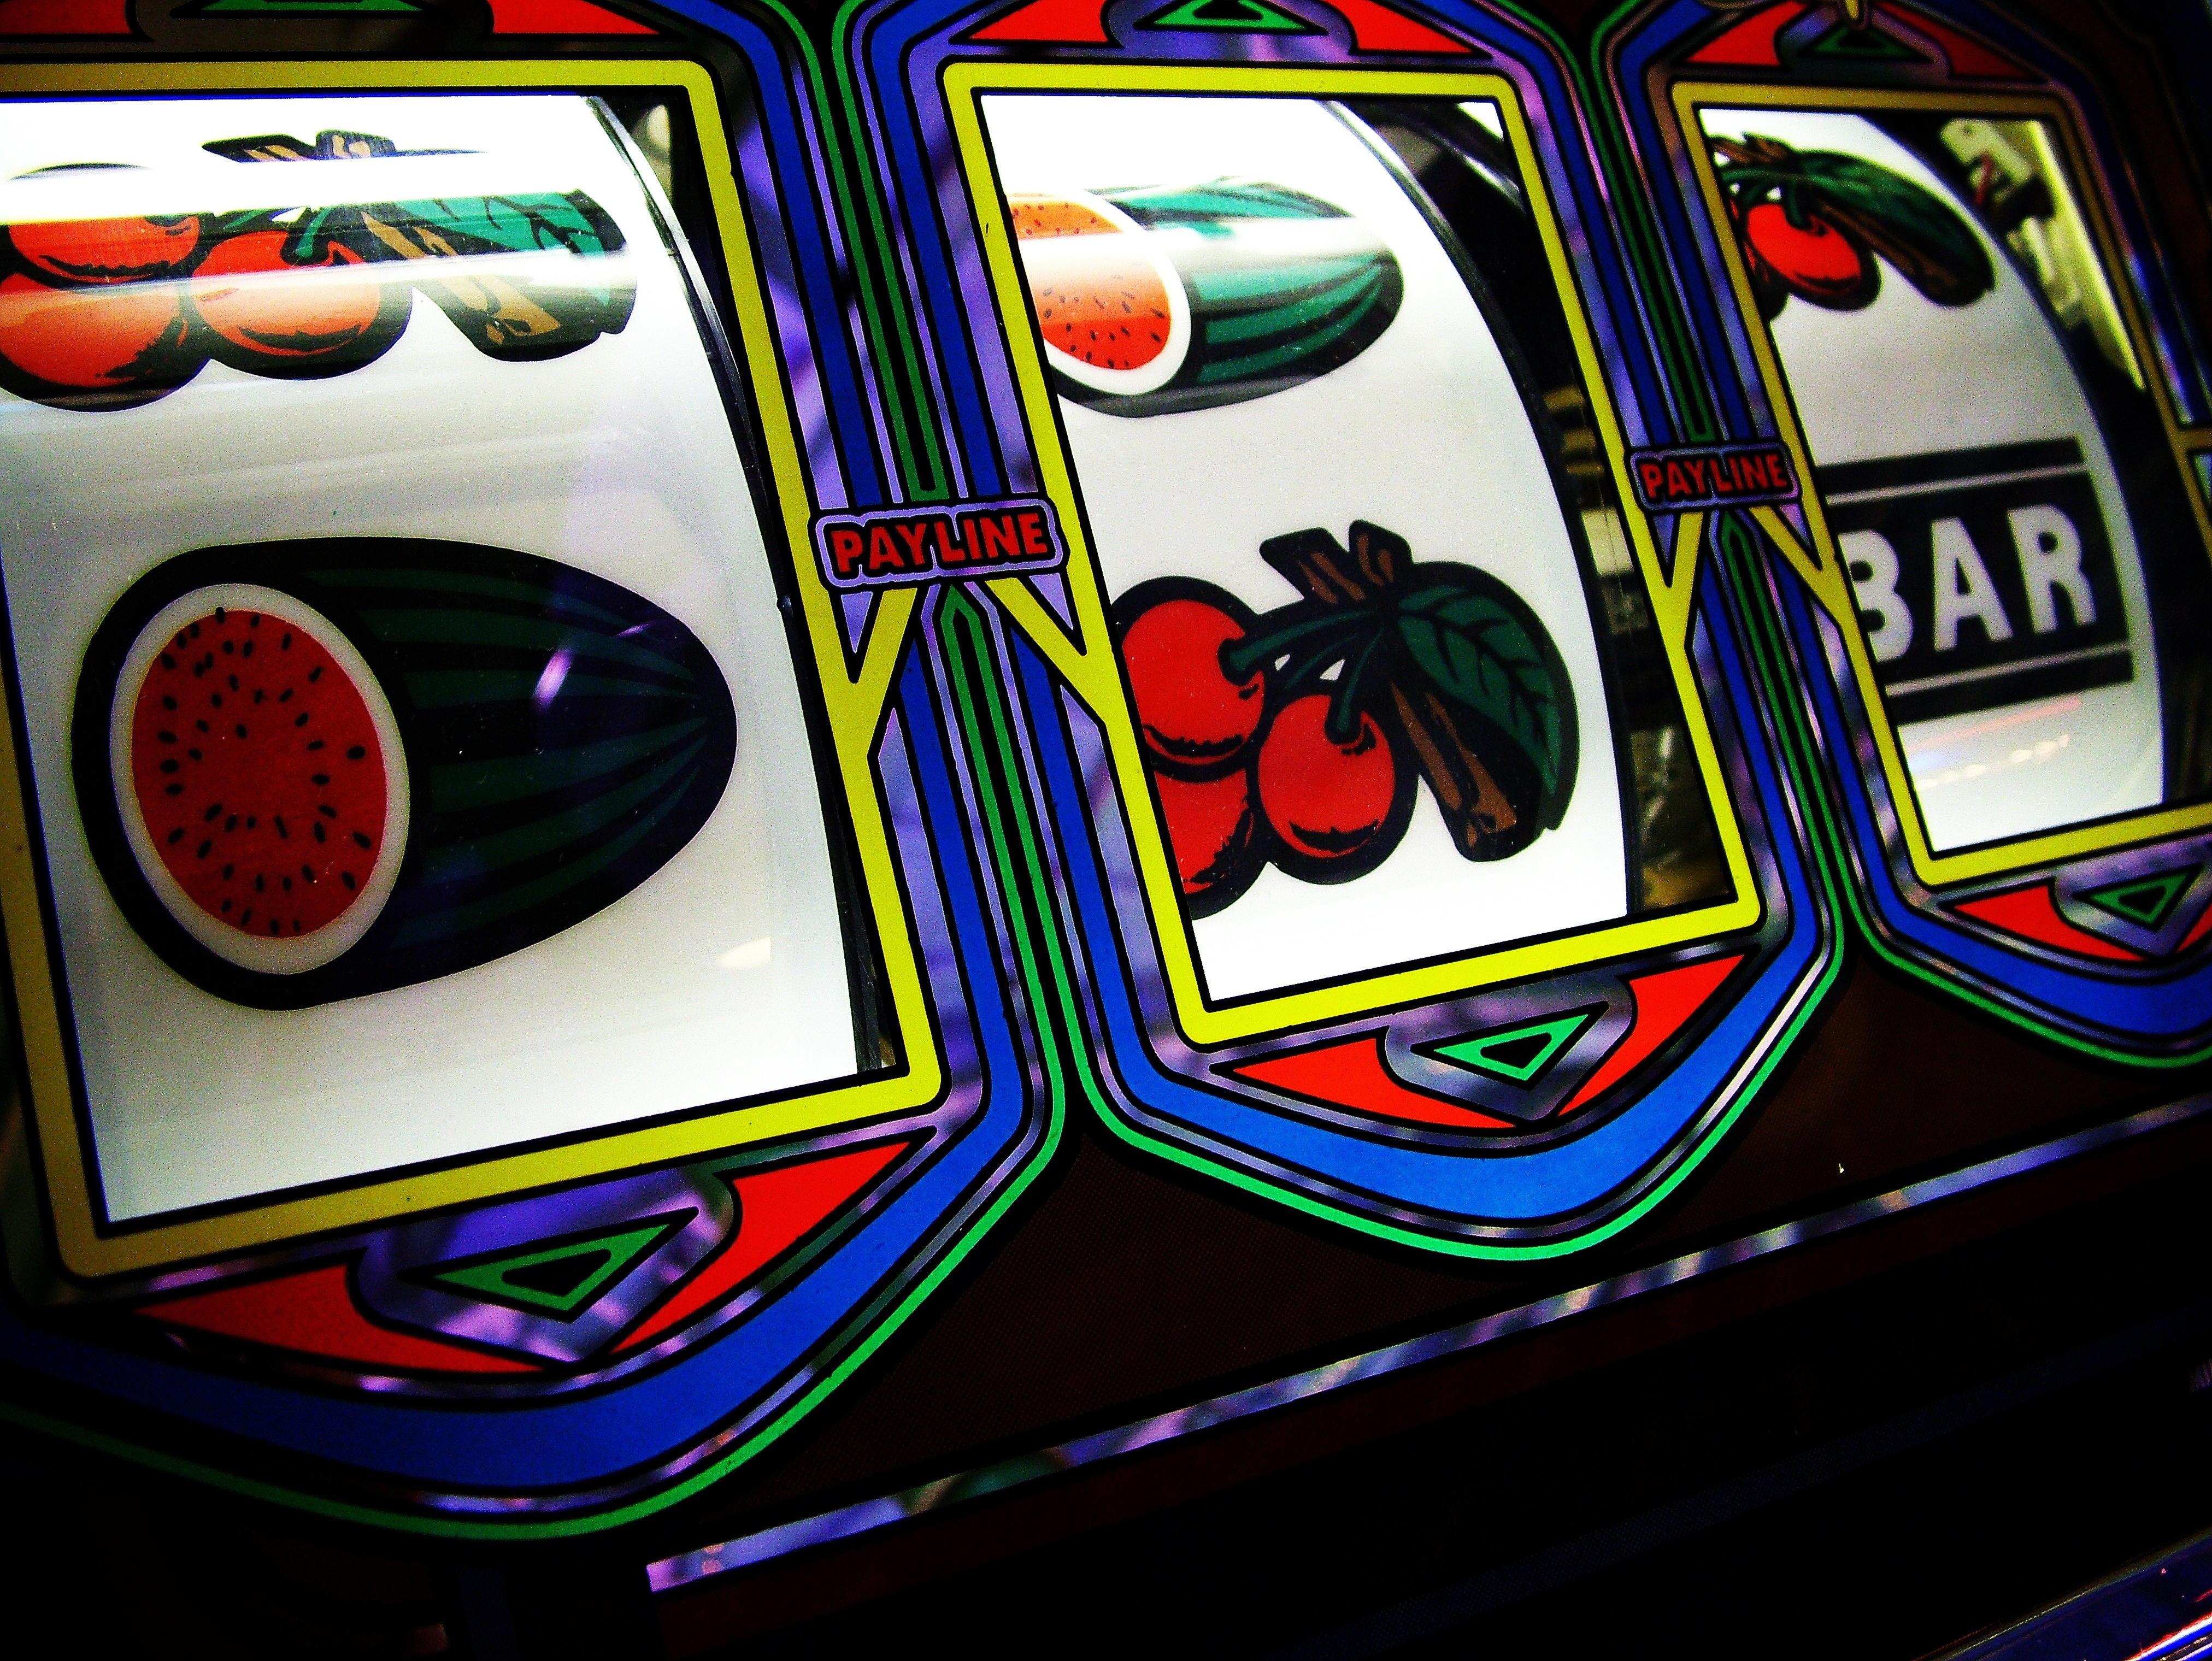 Партия Казинода 570 казино чипі